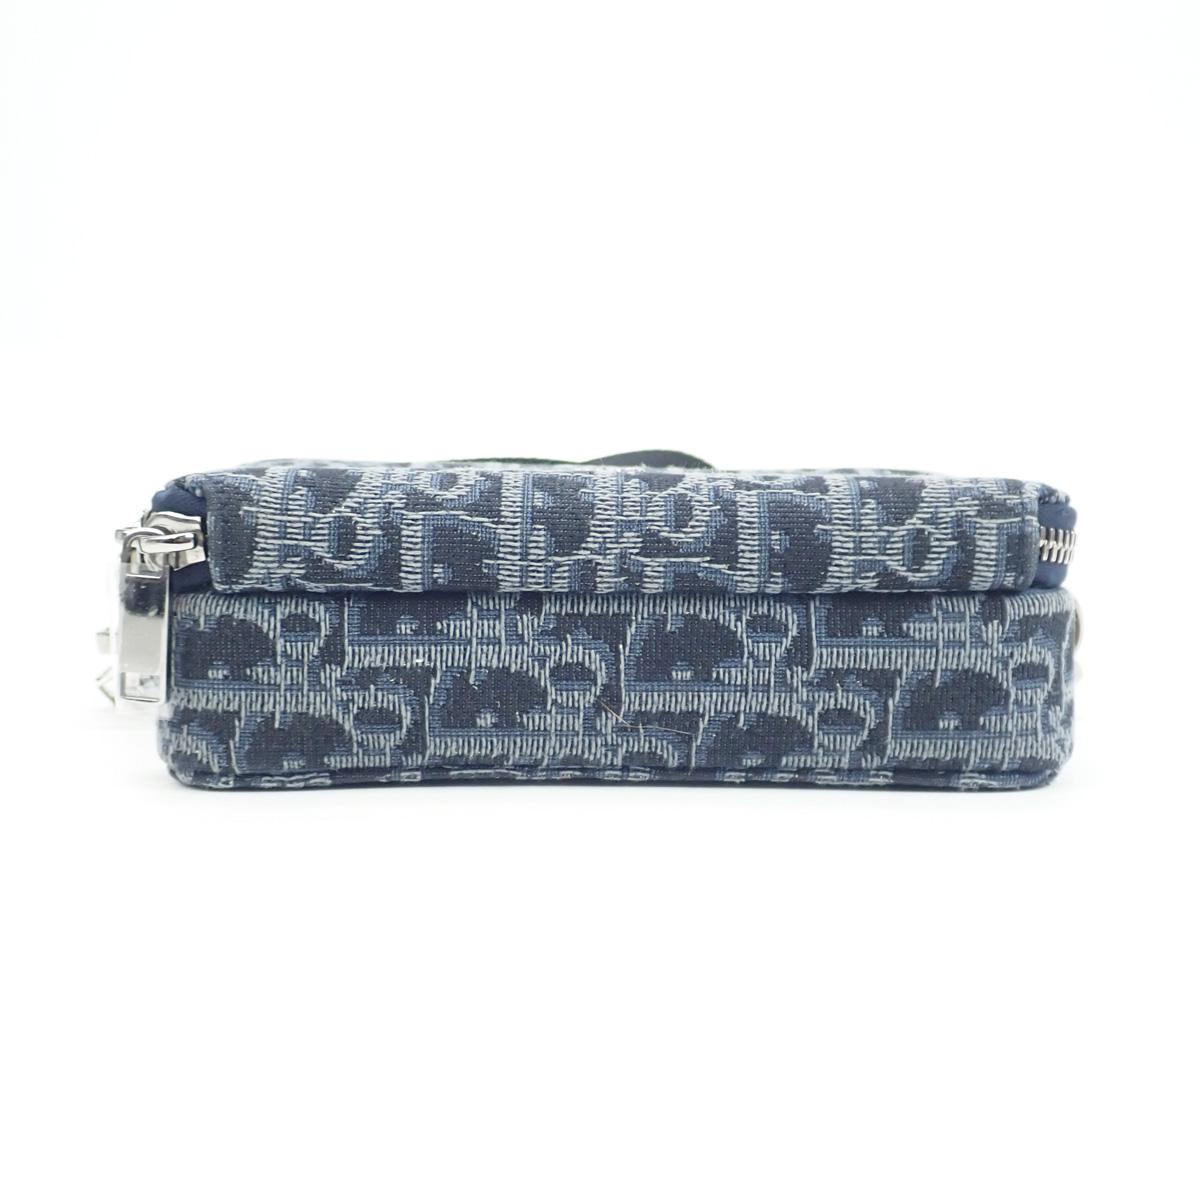 【辛口評価】【Aランク】Christian Dior クリスチャン ディオール オブリーク ポーチ ショルダーバッグ 2OBBC119YSE_H14E ブルー